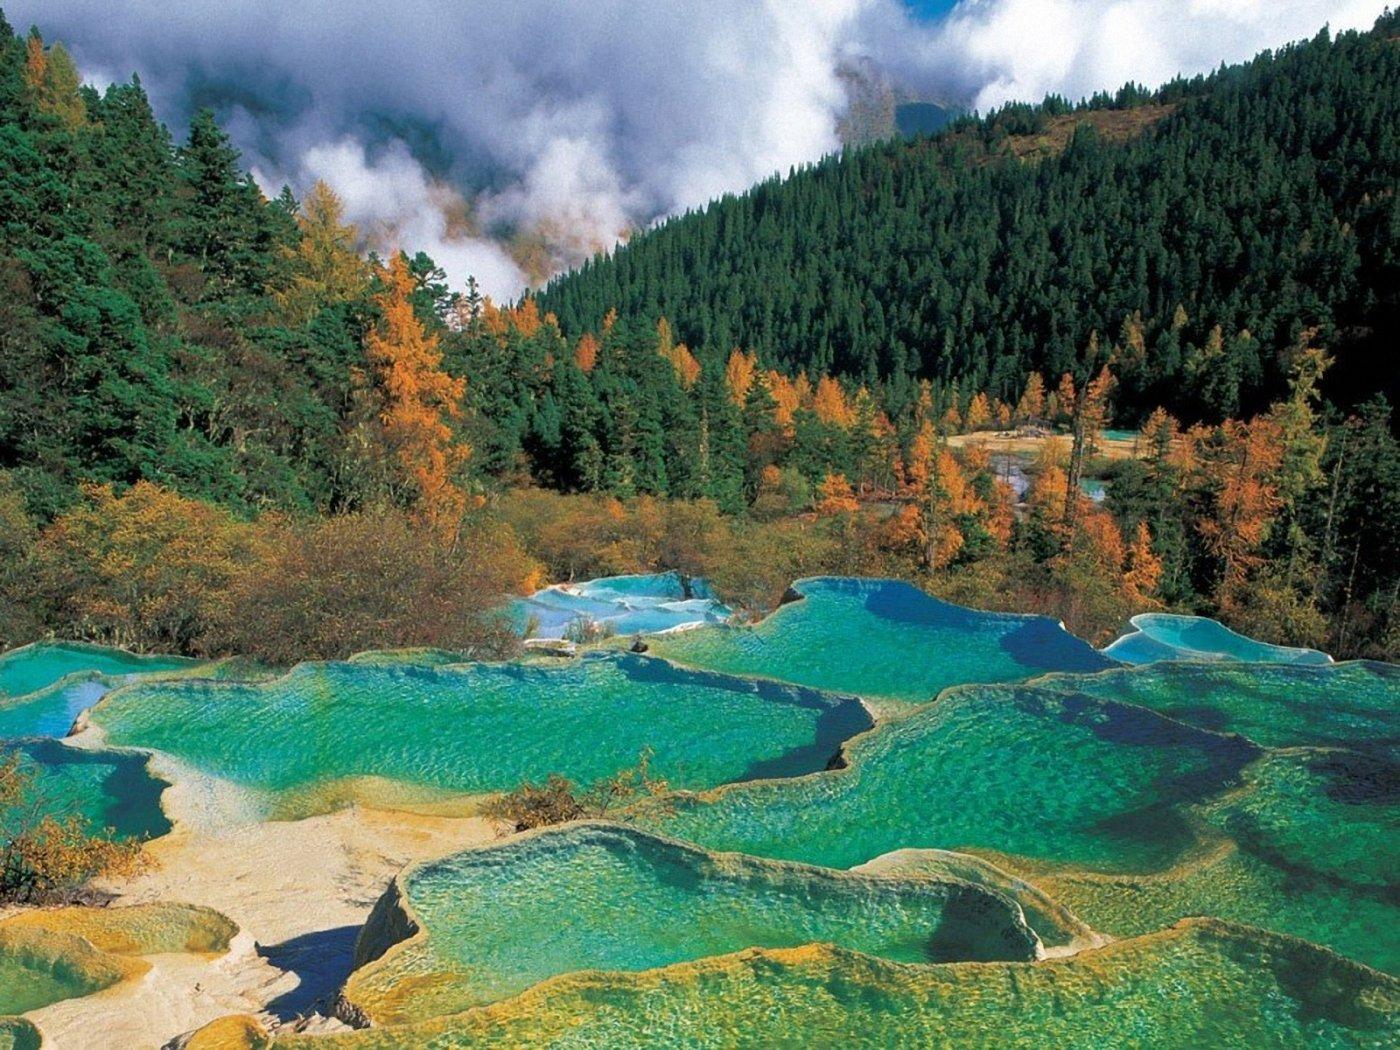 sichuan-jiuzhaigou-valley_98715-1400x1050